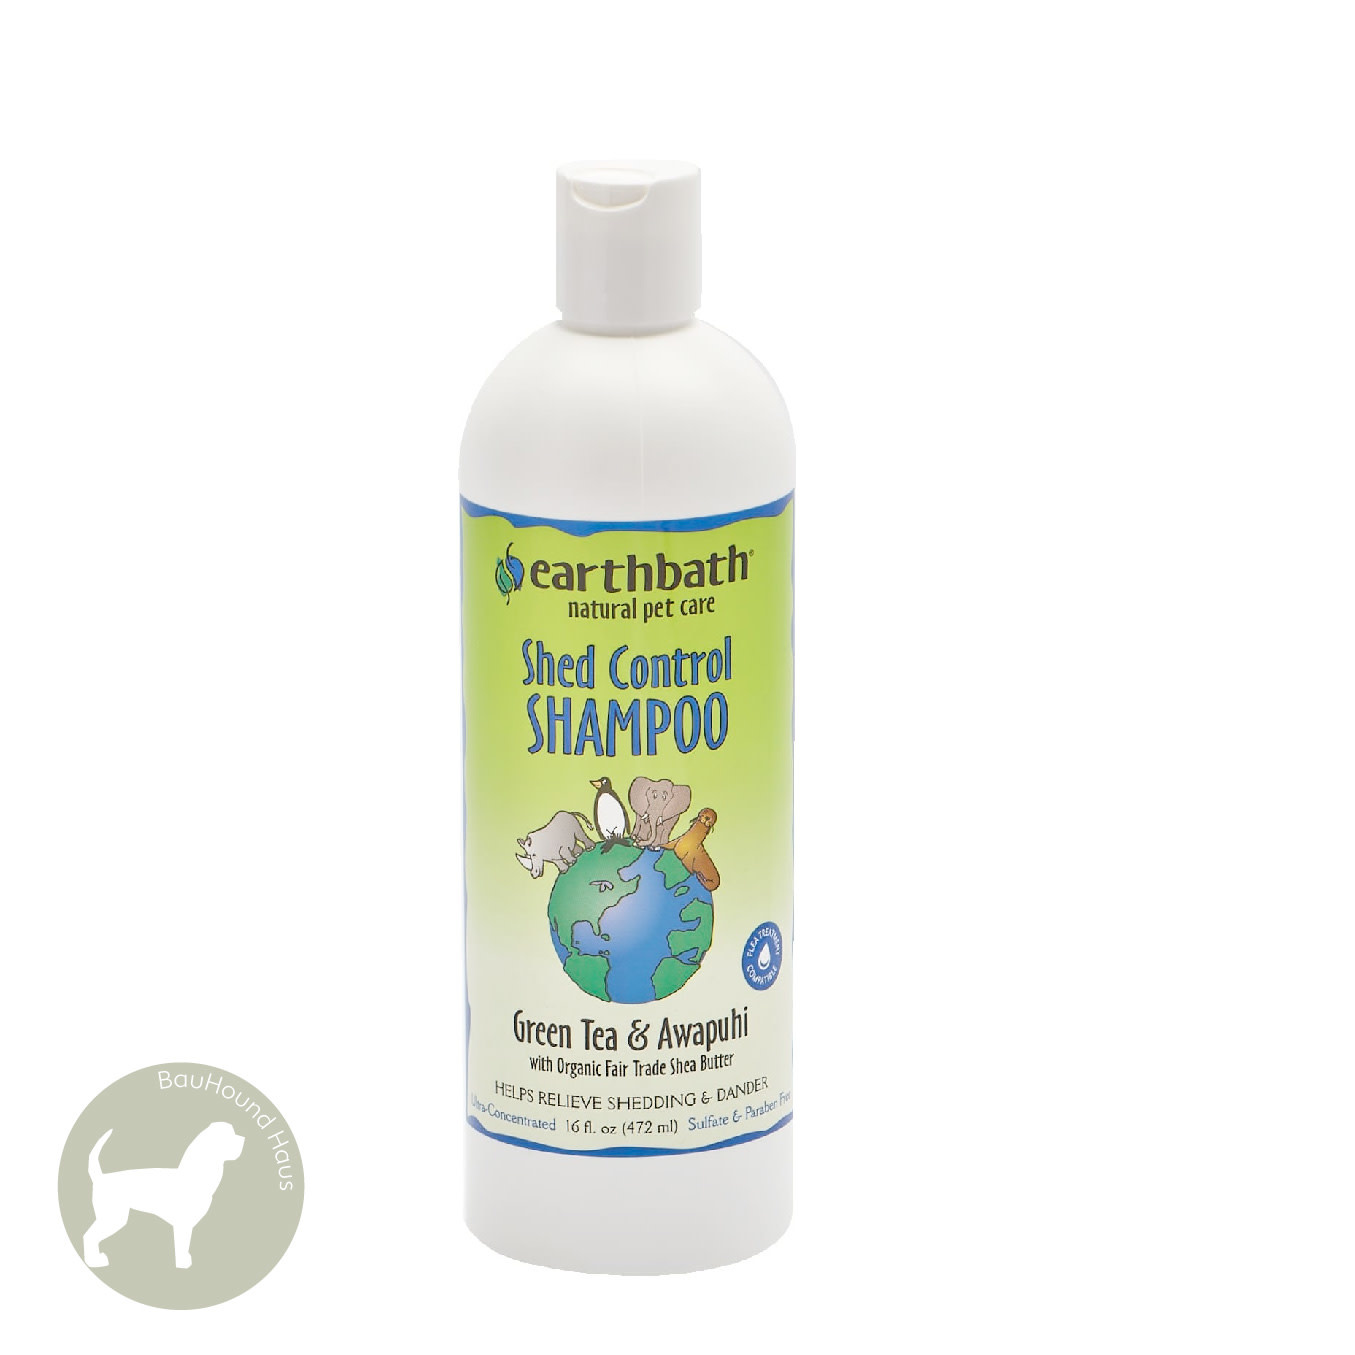 Earthbath Earthbath Shed Control Shampoo, 472ml